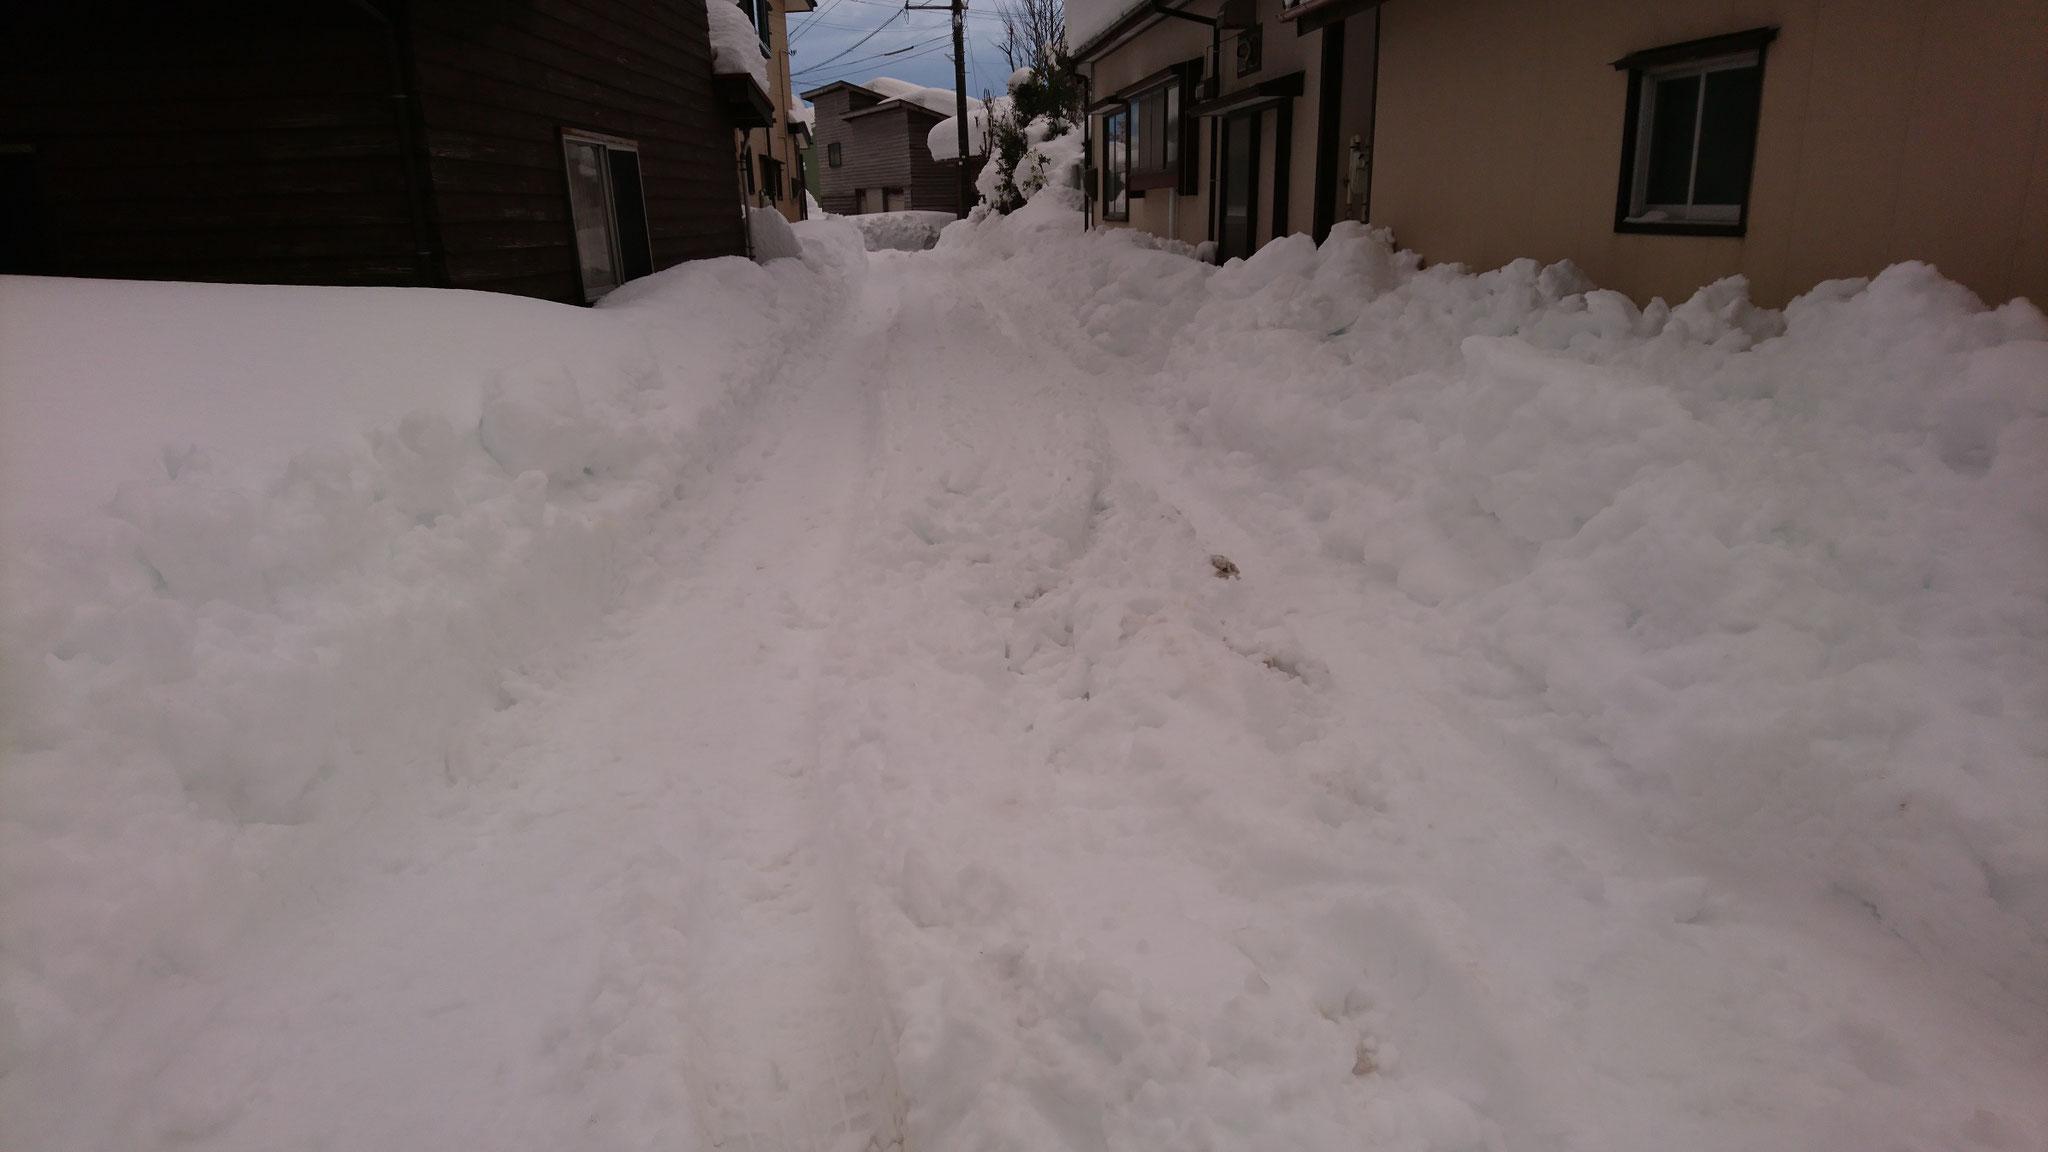 旧国道の枝道となる各家庭の生活道路。除雪車も入れず、歩くのもやっとの状態でした。